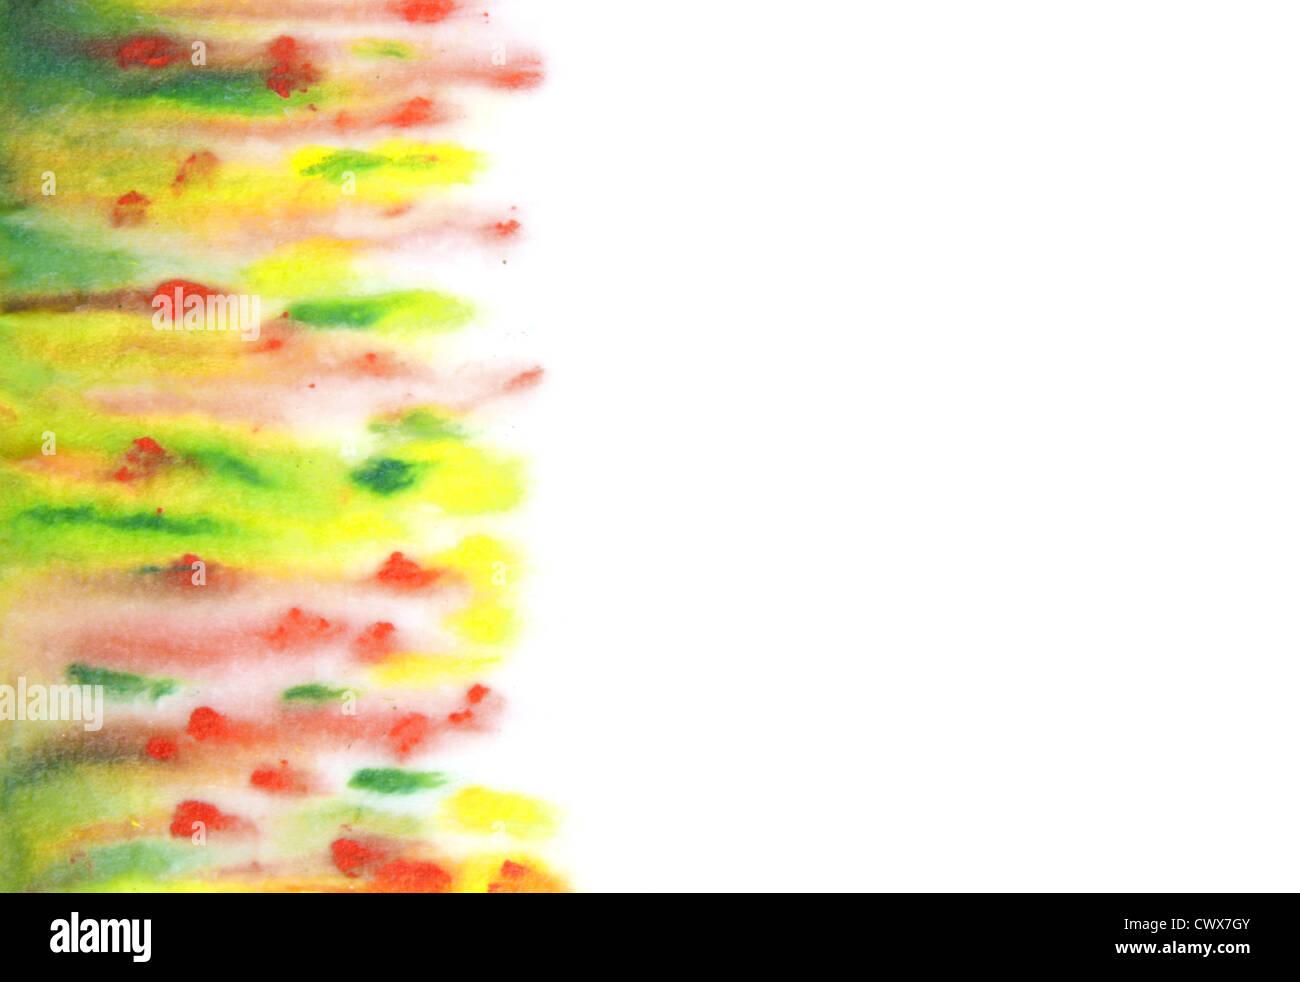 Abstrakte handgezeichneten Aquarell Hintergrund Stockbild